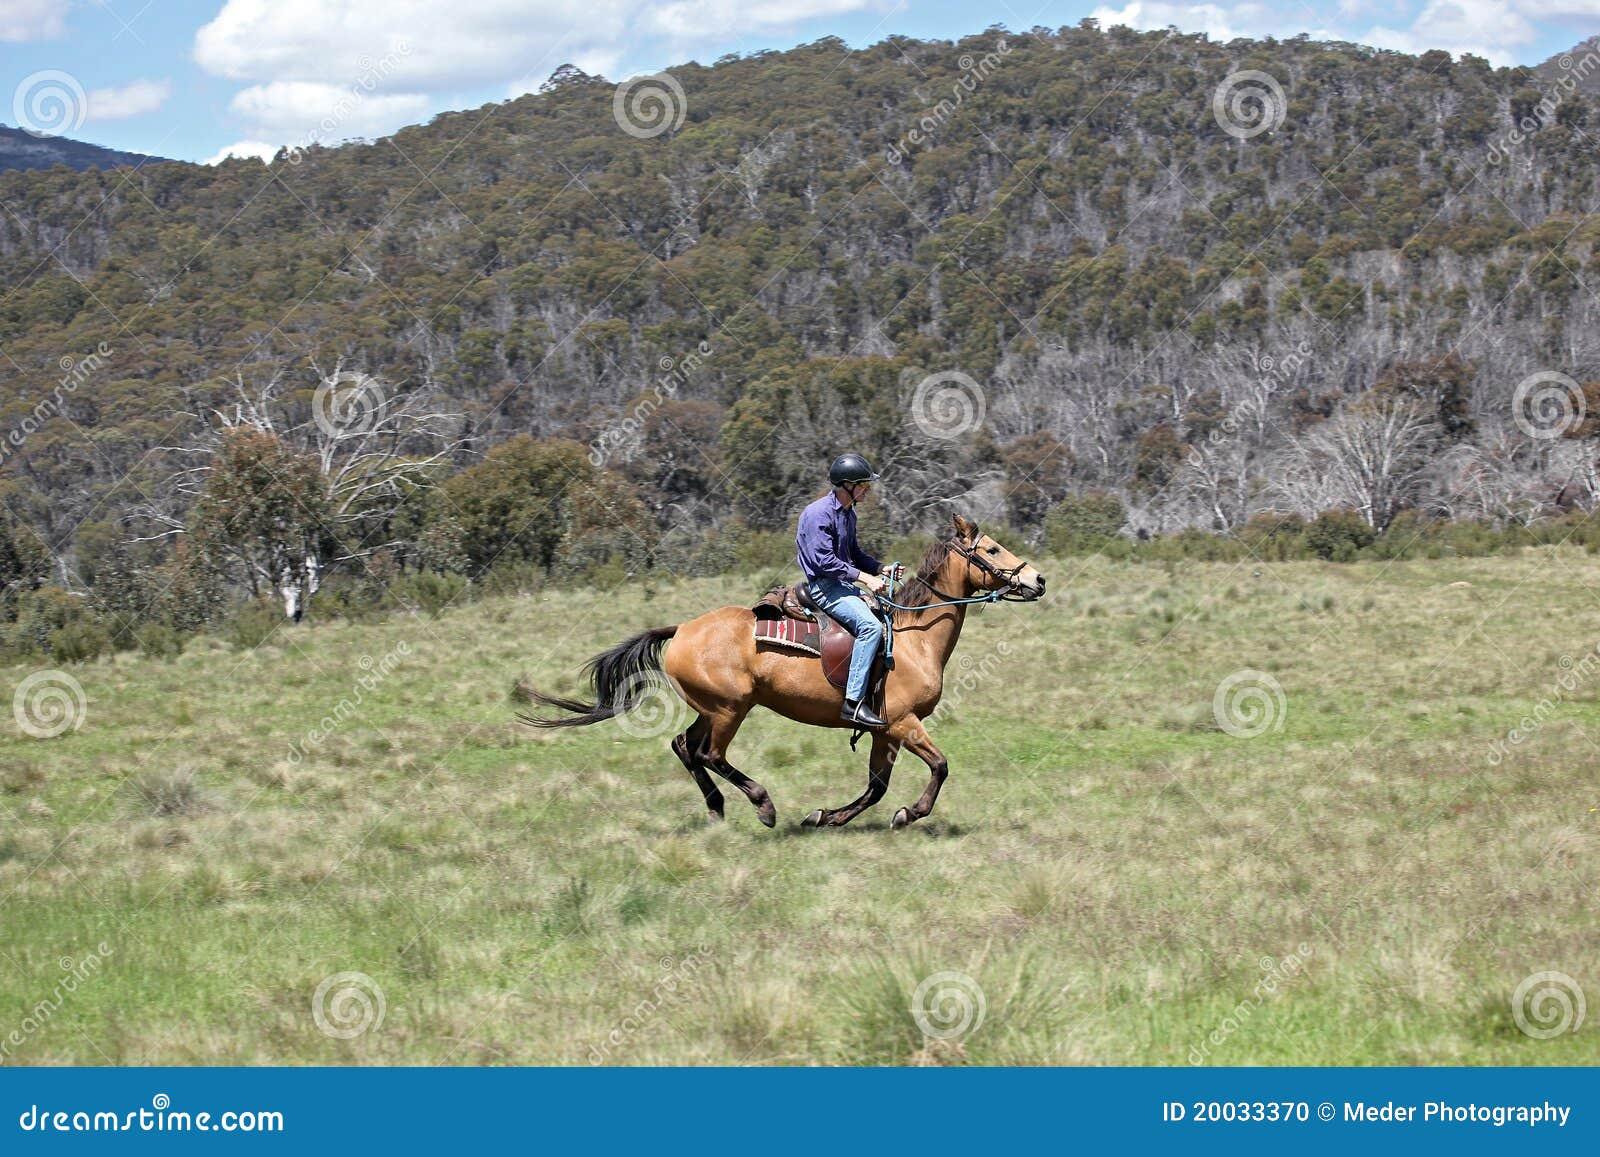 Mitfahrer des weiblichen Pferds